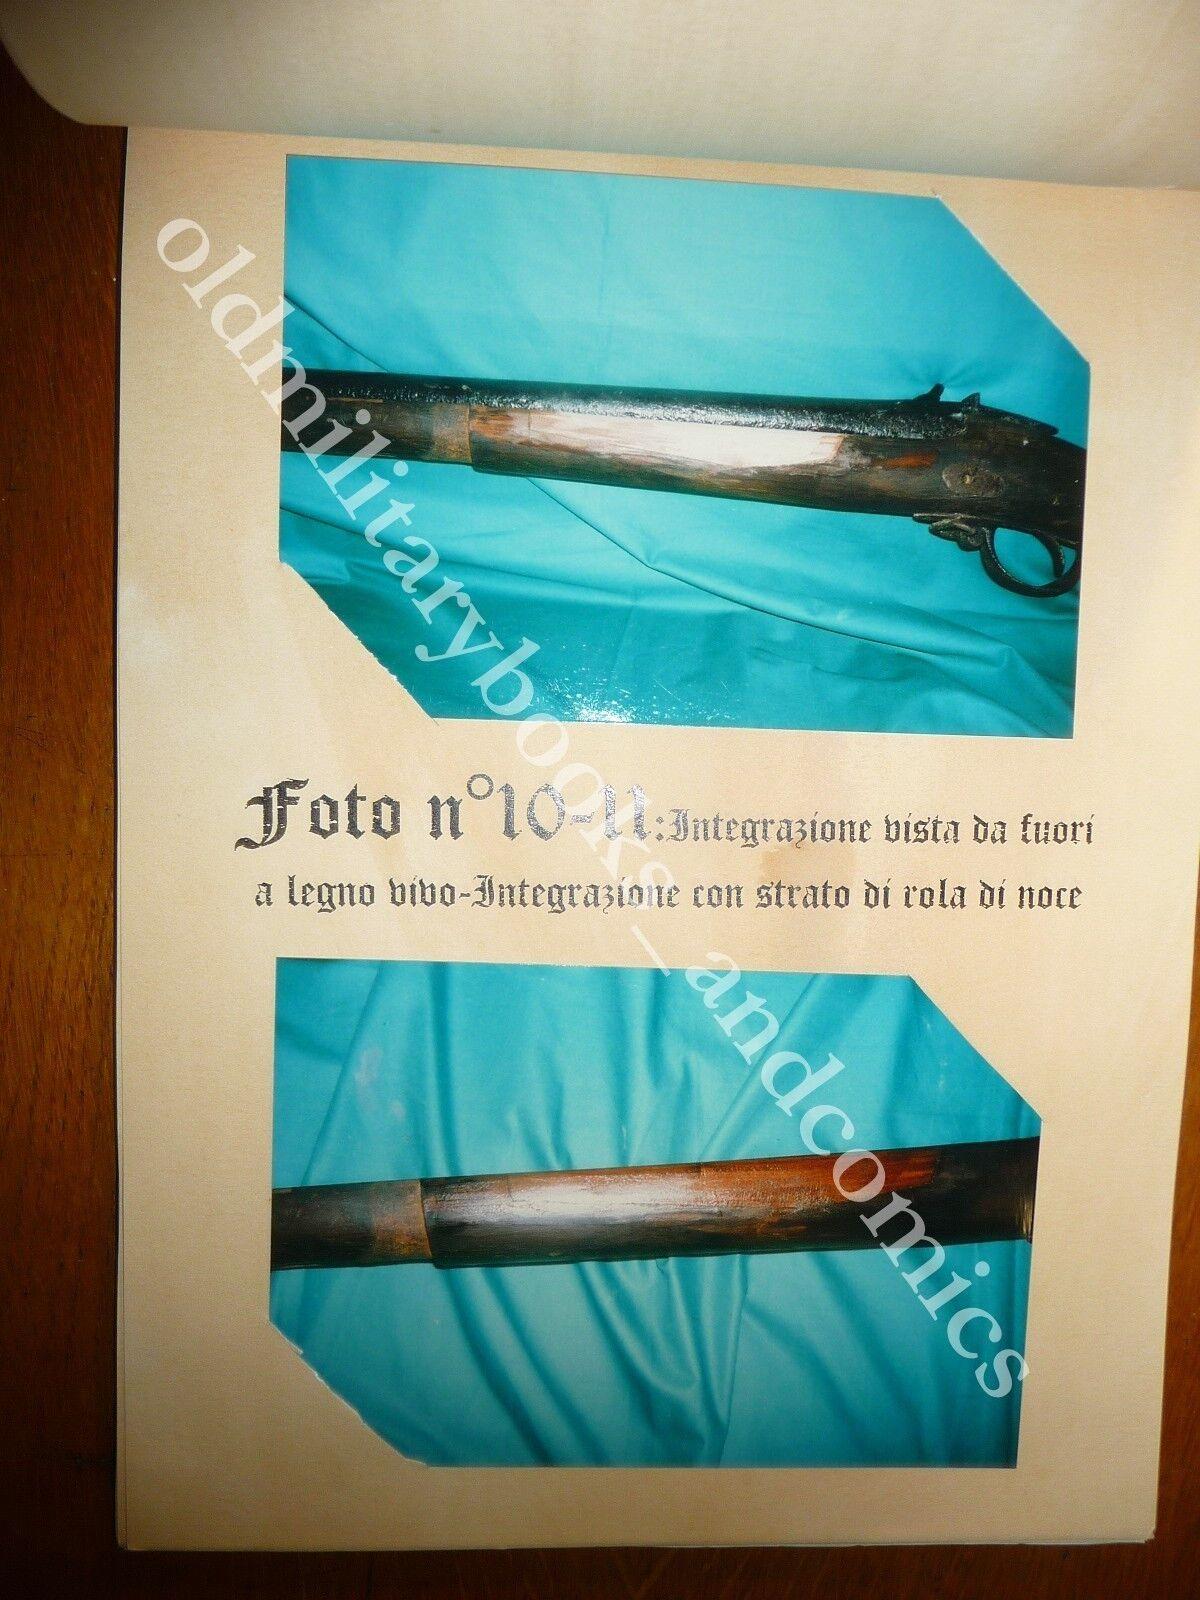 FUCILE AD AVANCARICA ST. ETIENNE 1848 Vol RESTAURI FUCILE FATTI ARTIGIANALMENTE